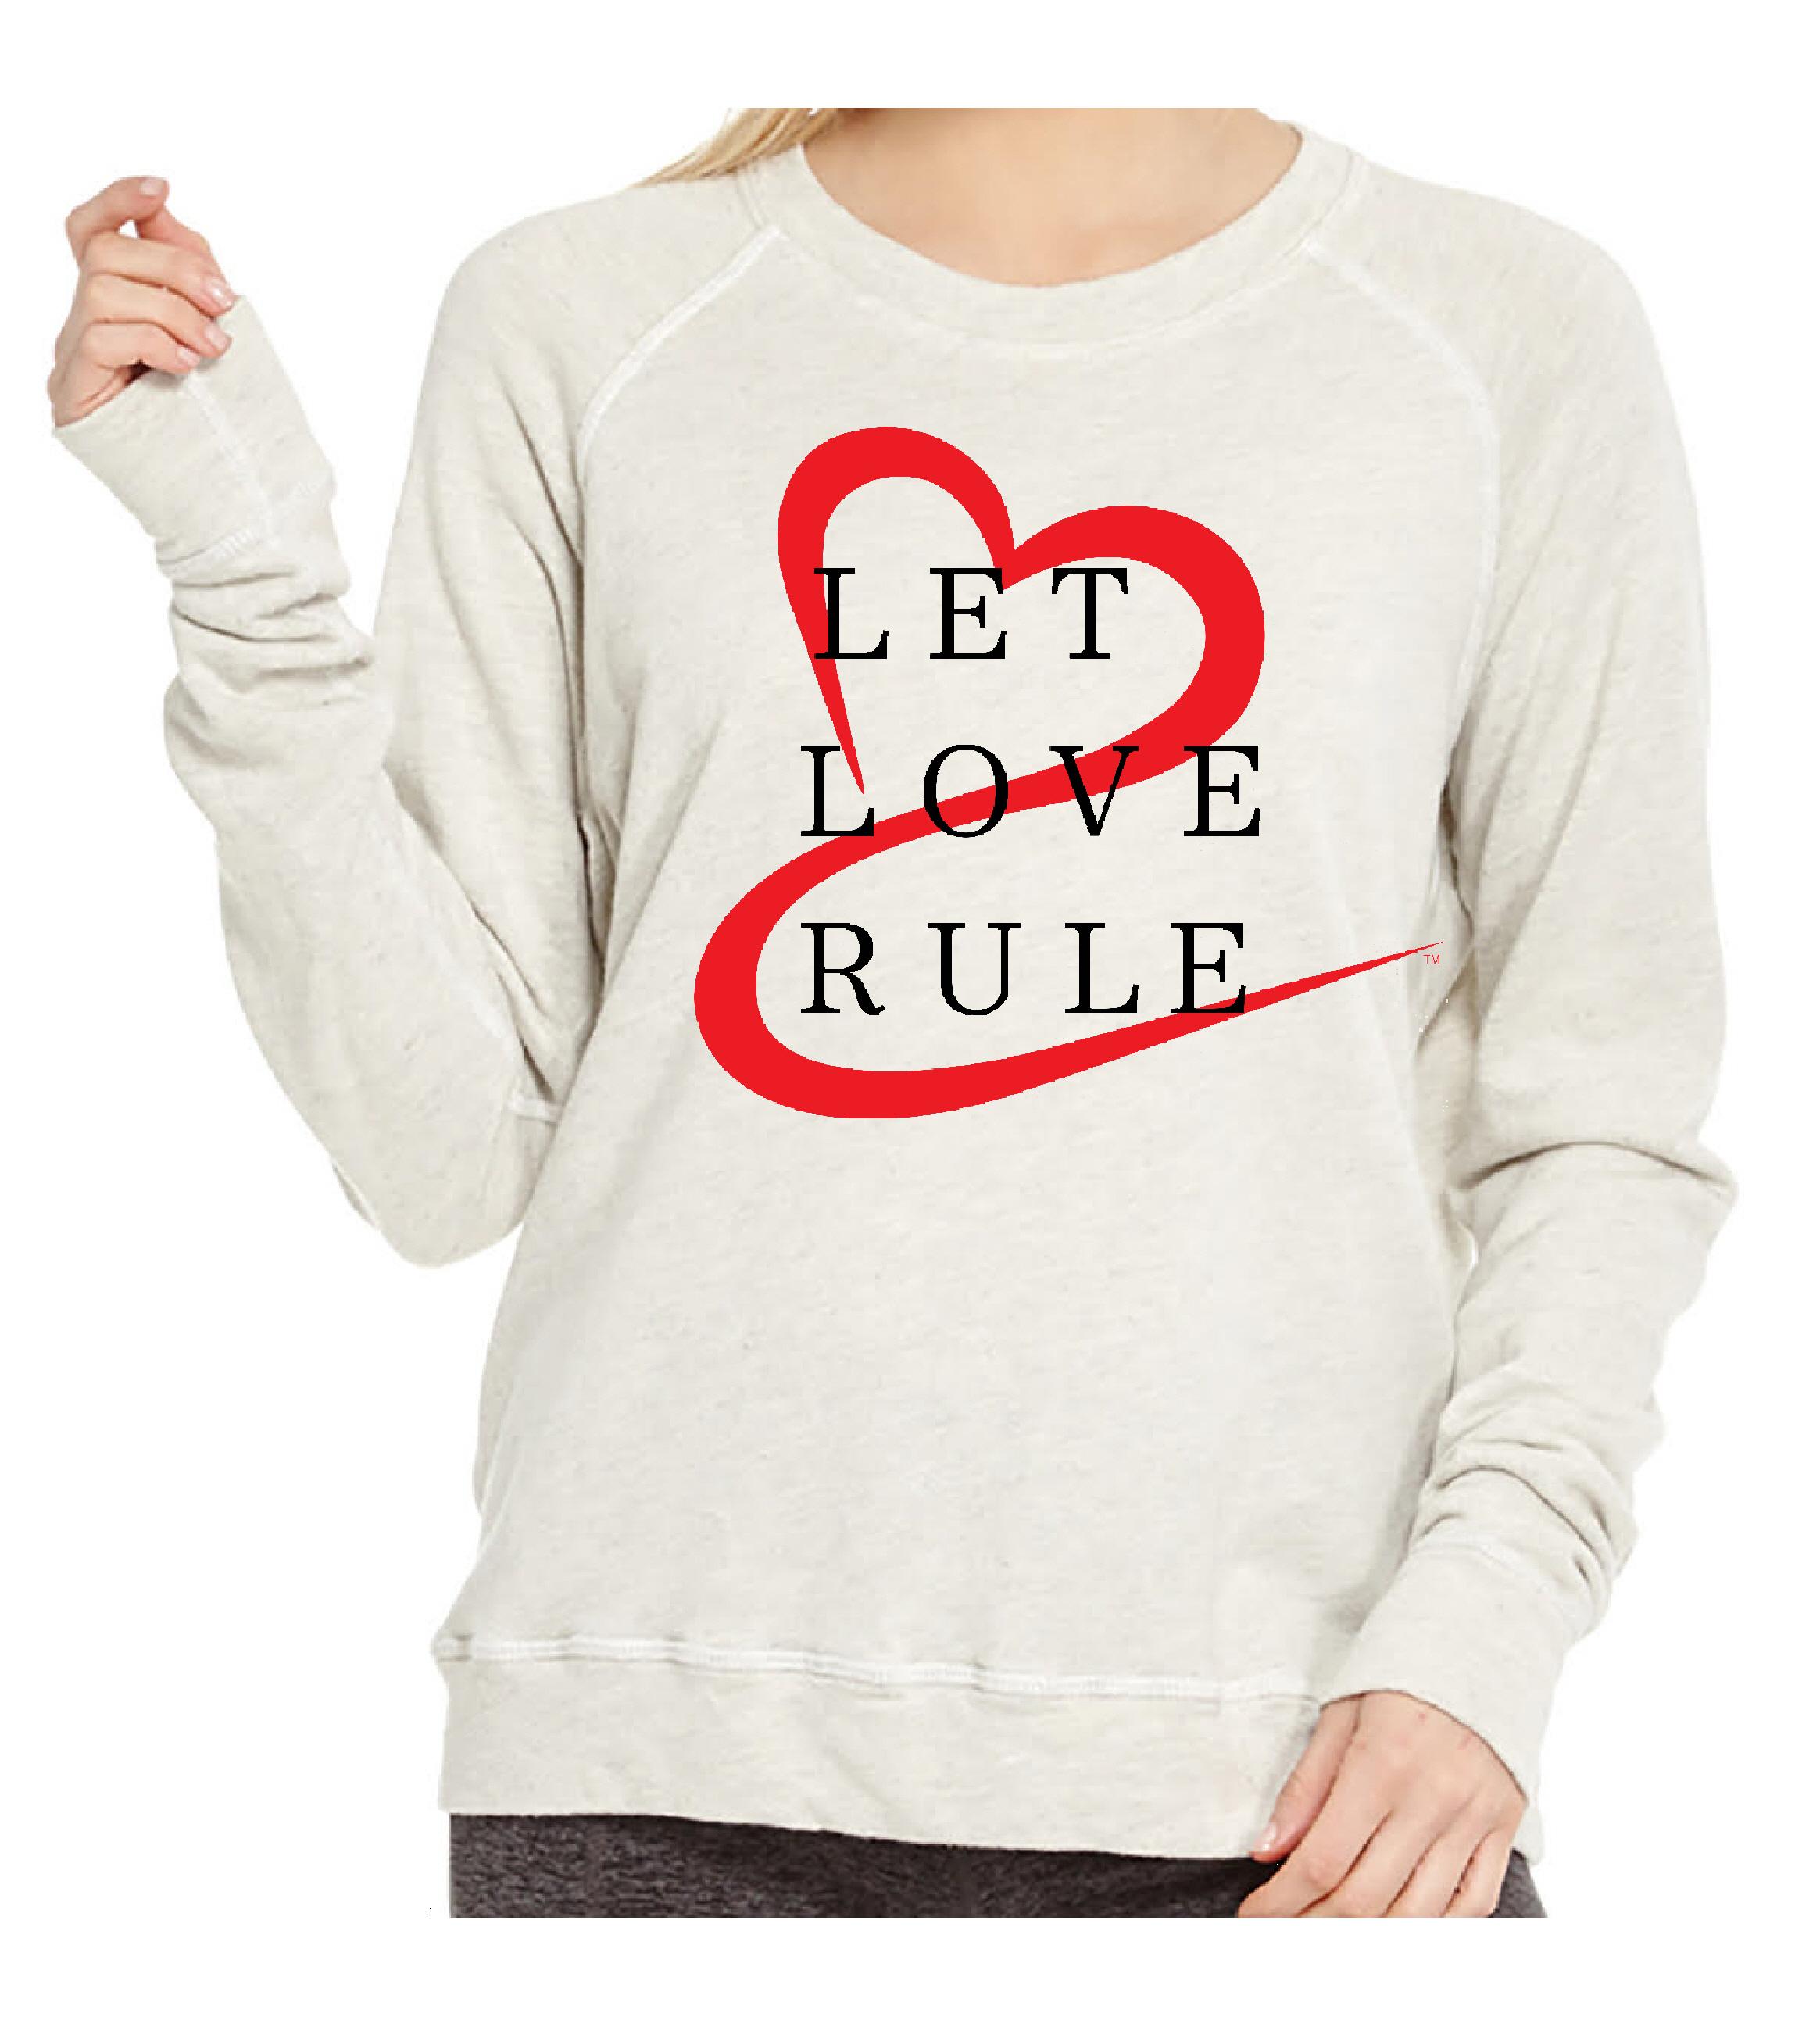 07 LetLoveRule_2 Sweatshirt.jpg